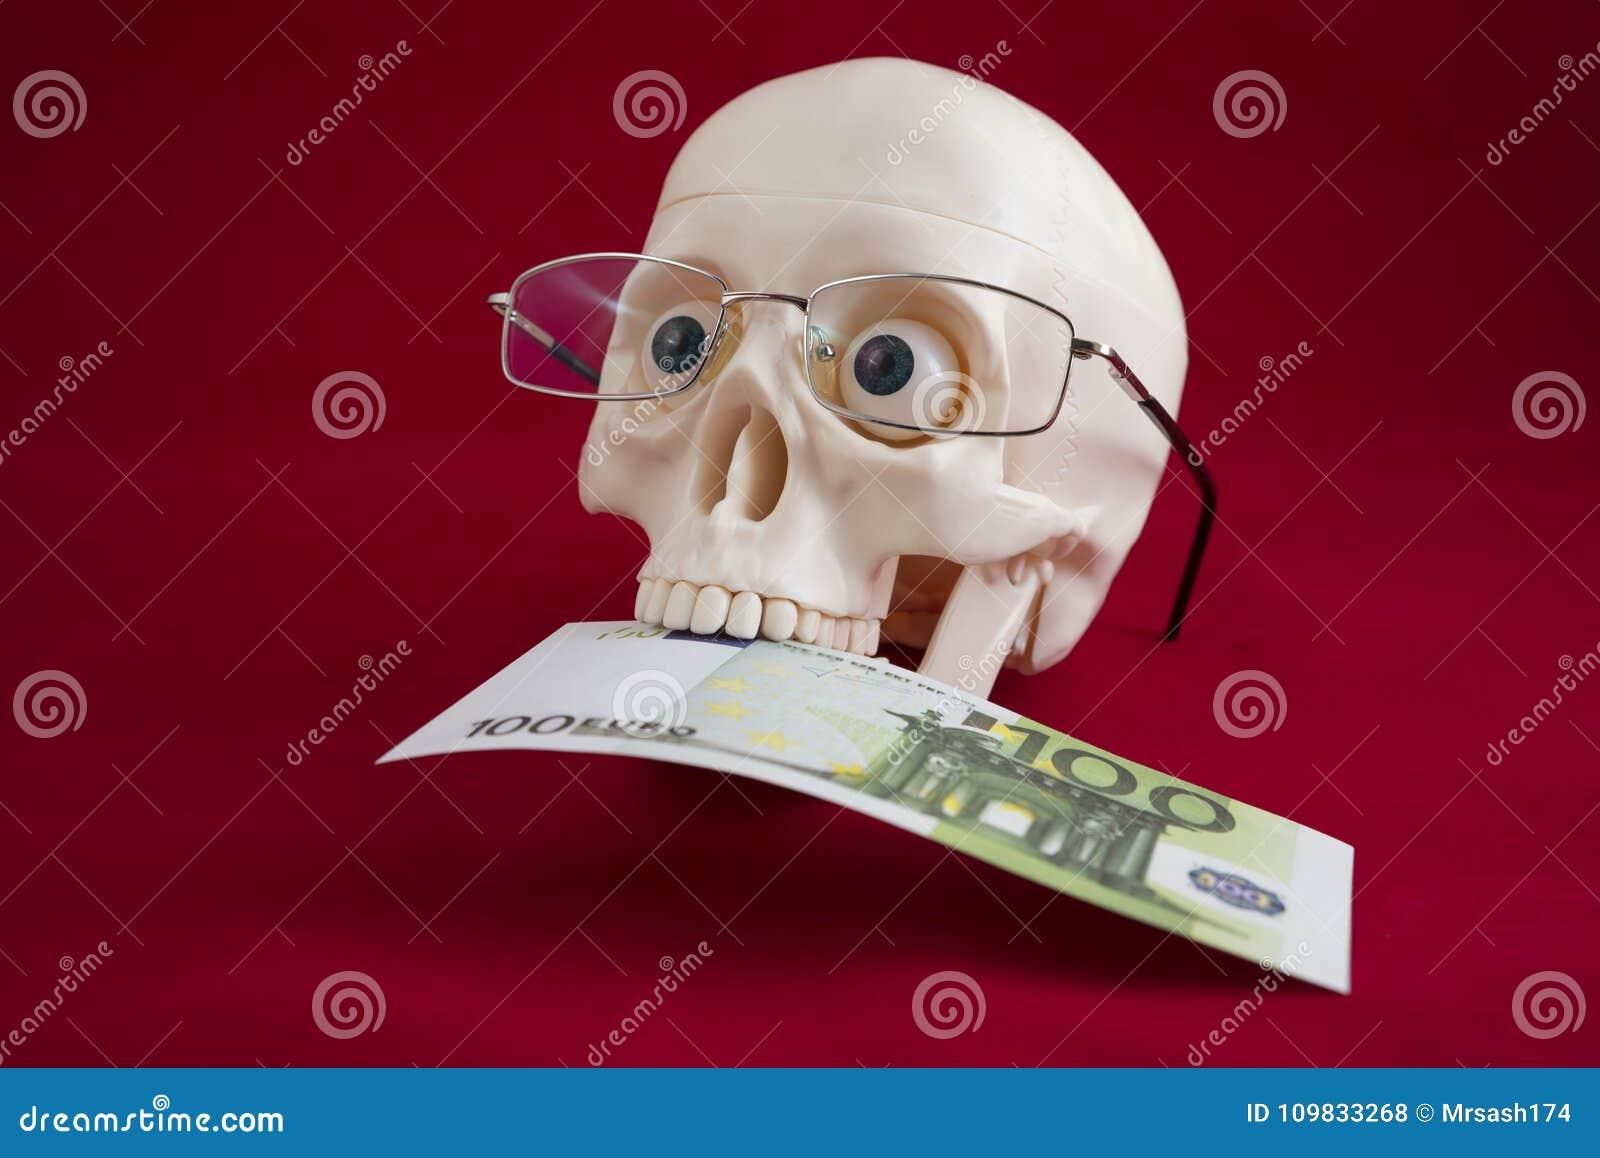 Cabeça de um homem com vidros, posses cem euro em seus dentes